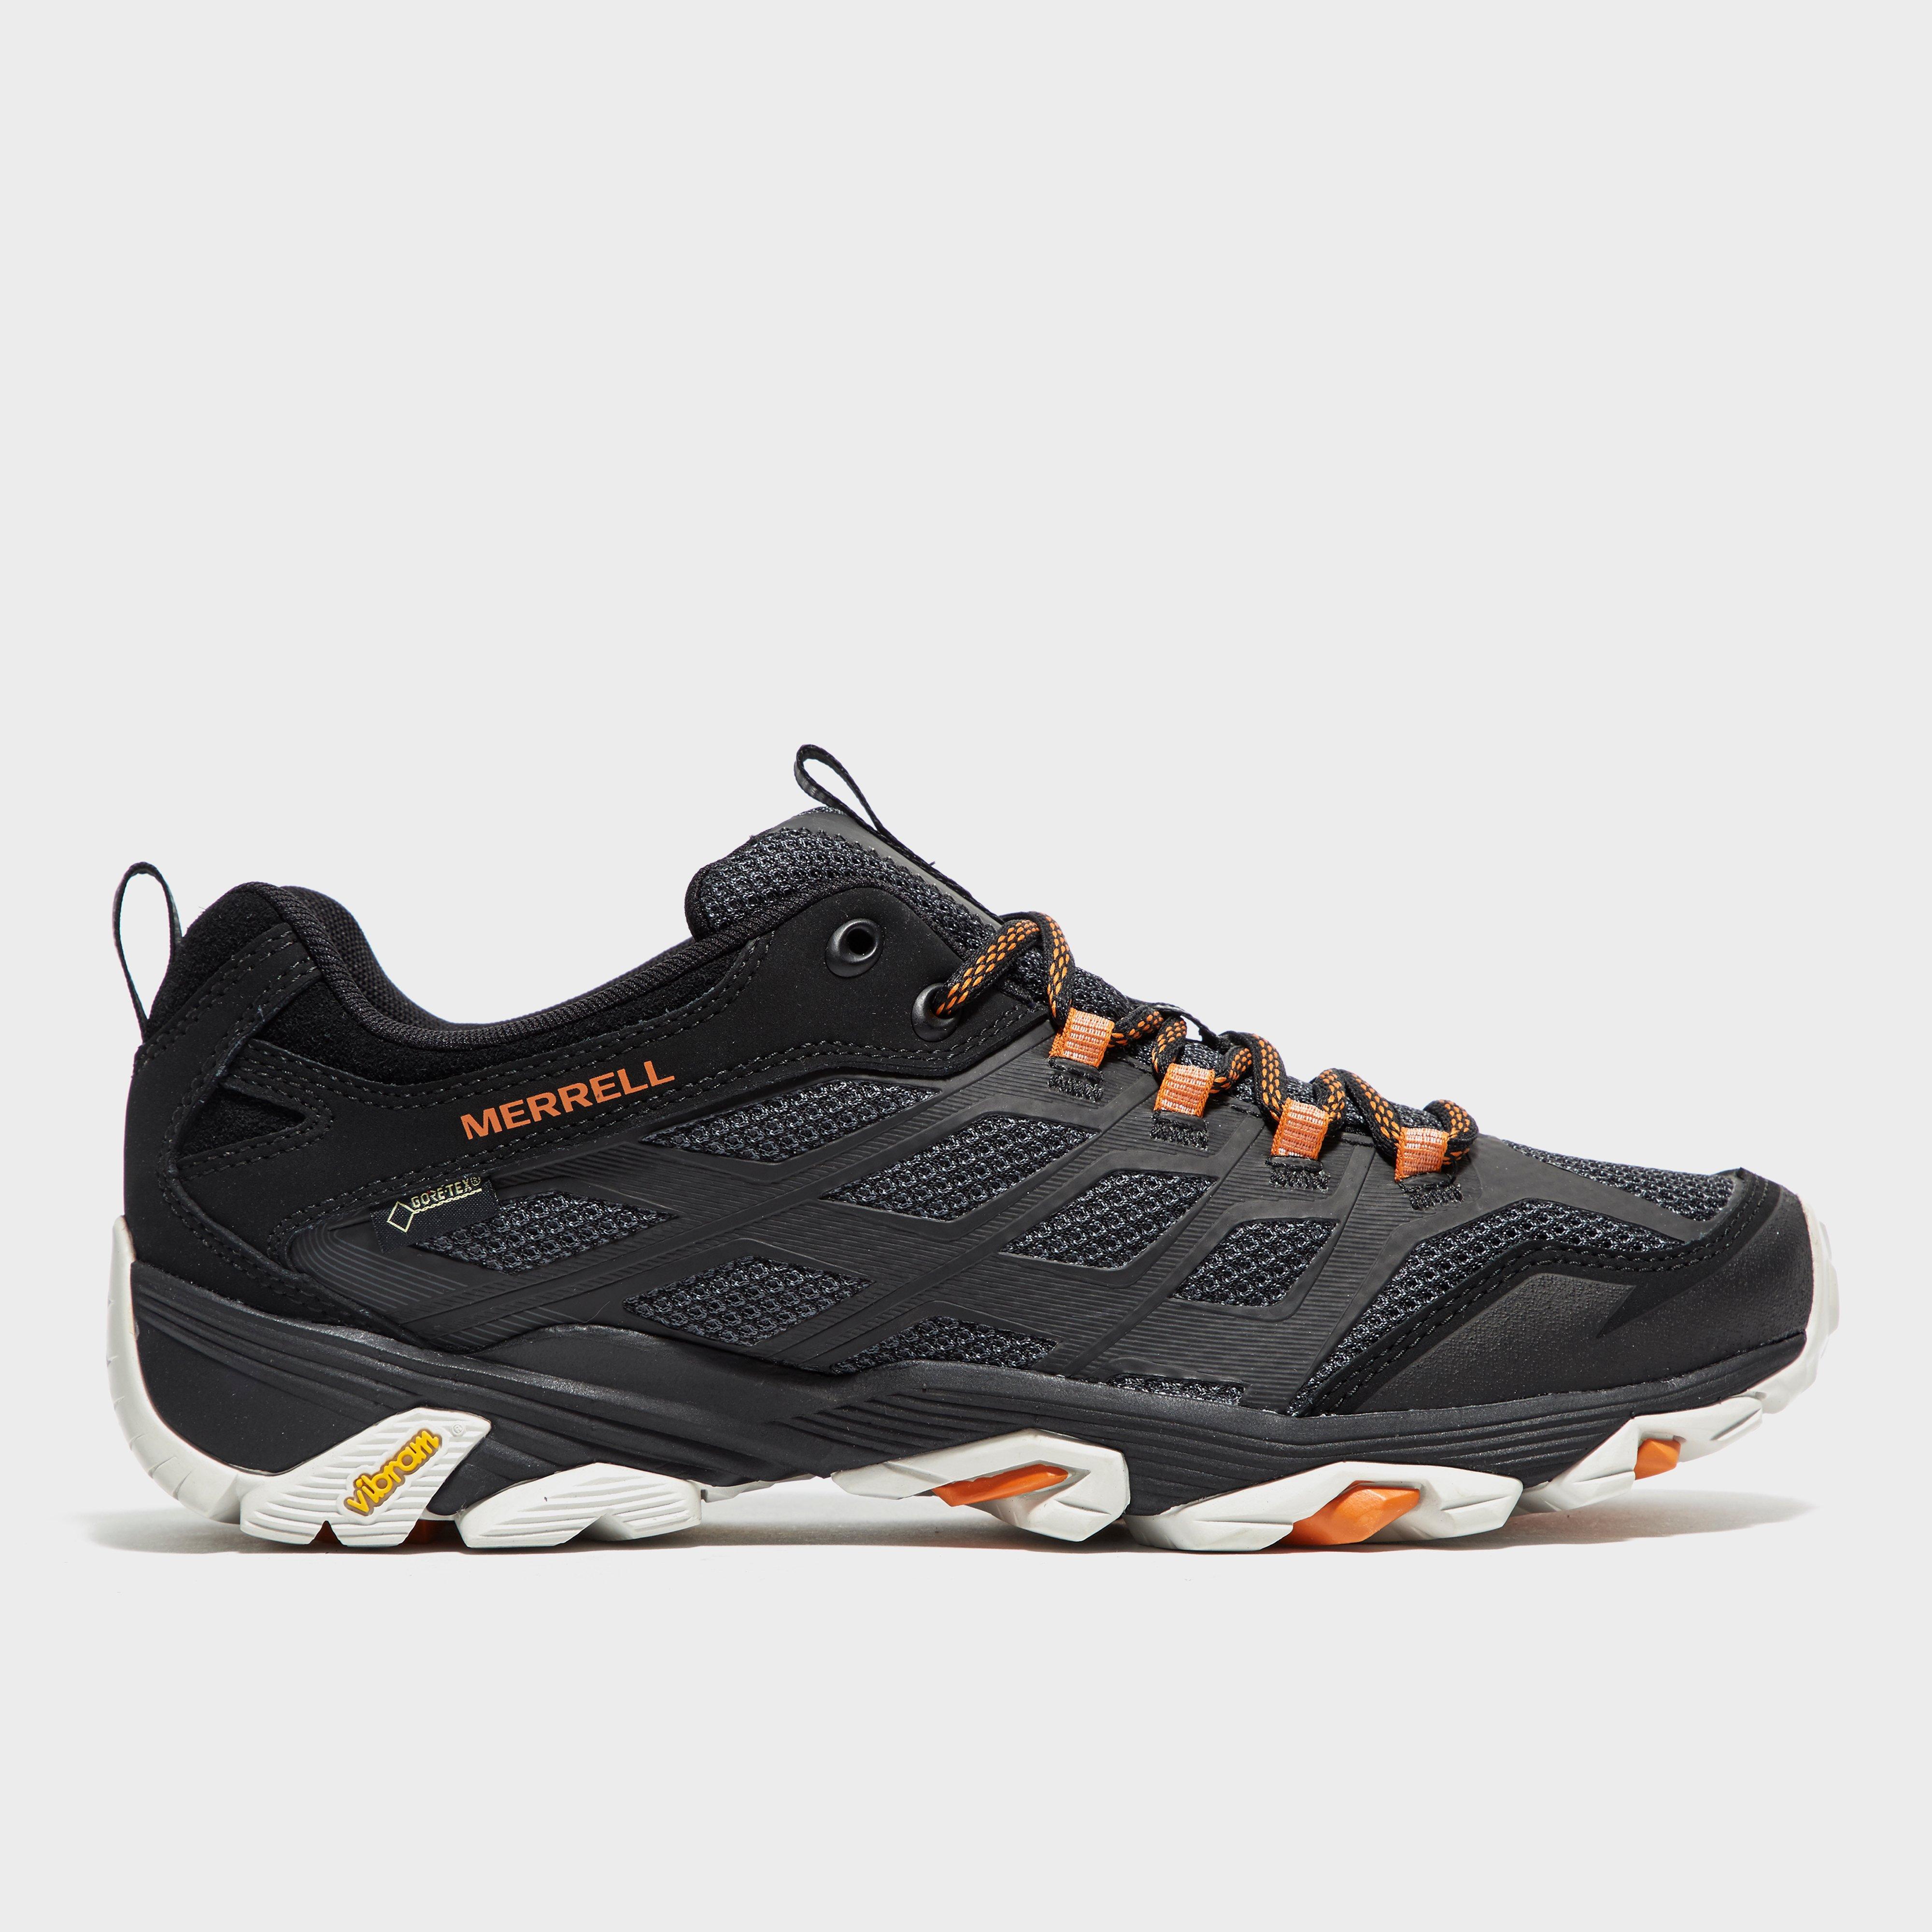 Merrell Mens Moab FST GORETEX Shoes Black